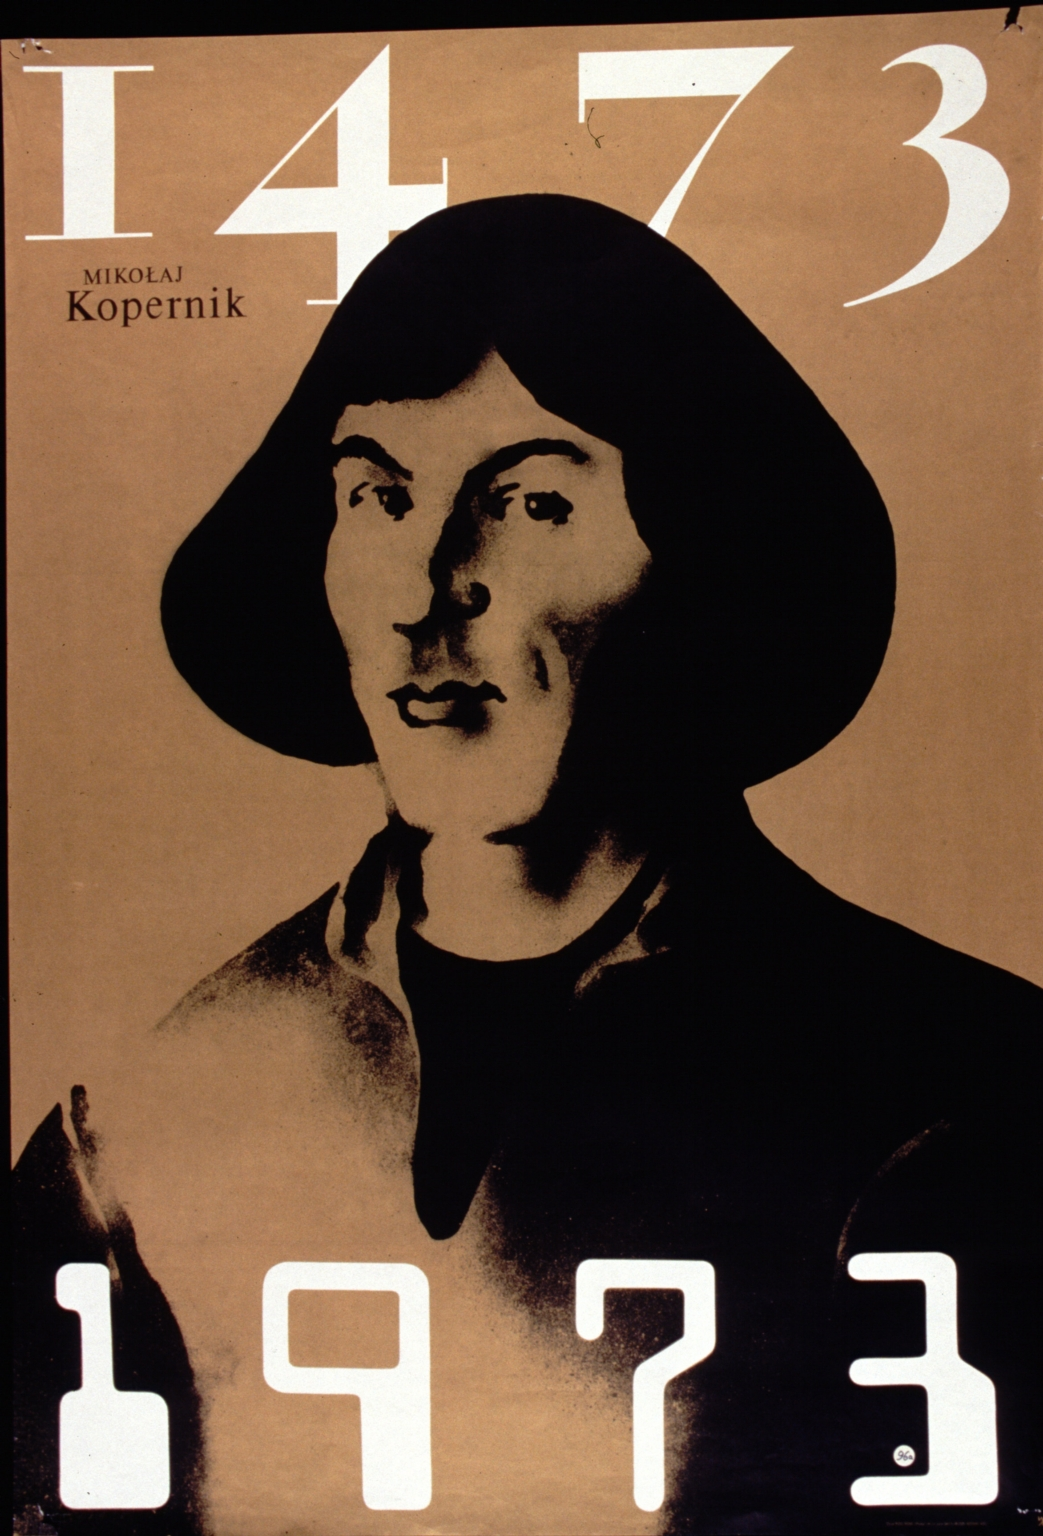 1473-1973: Mikolaj Kopernik